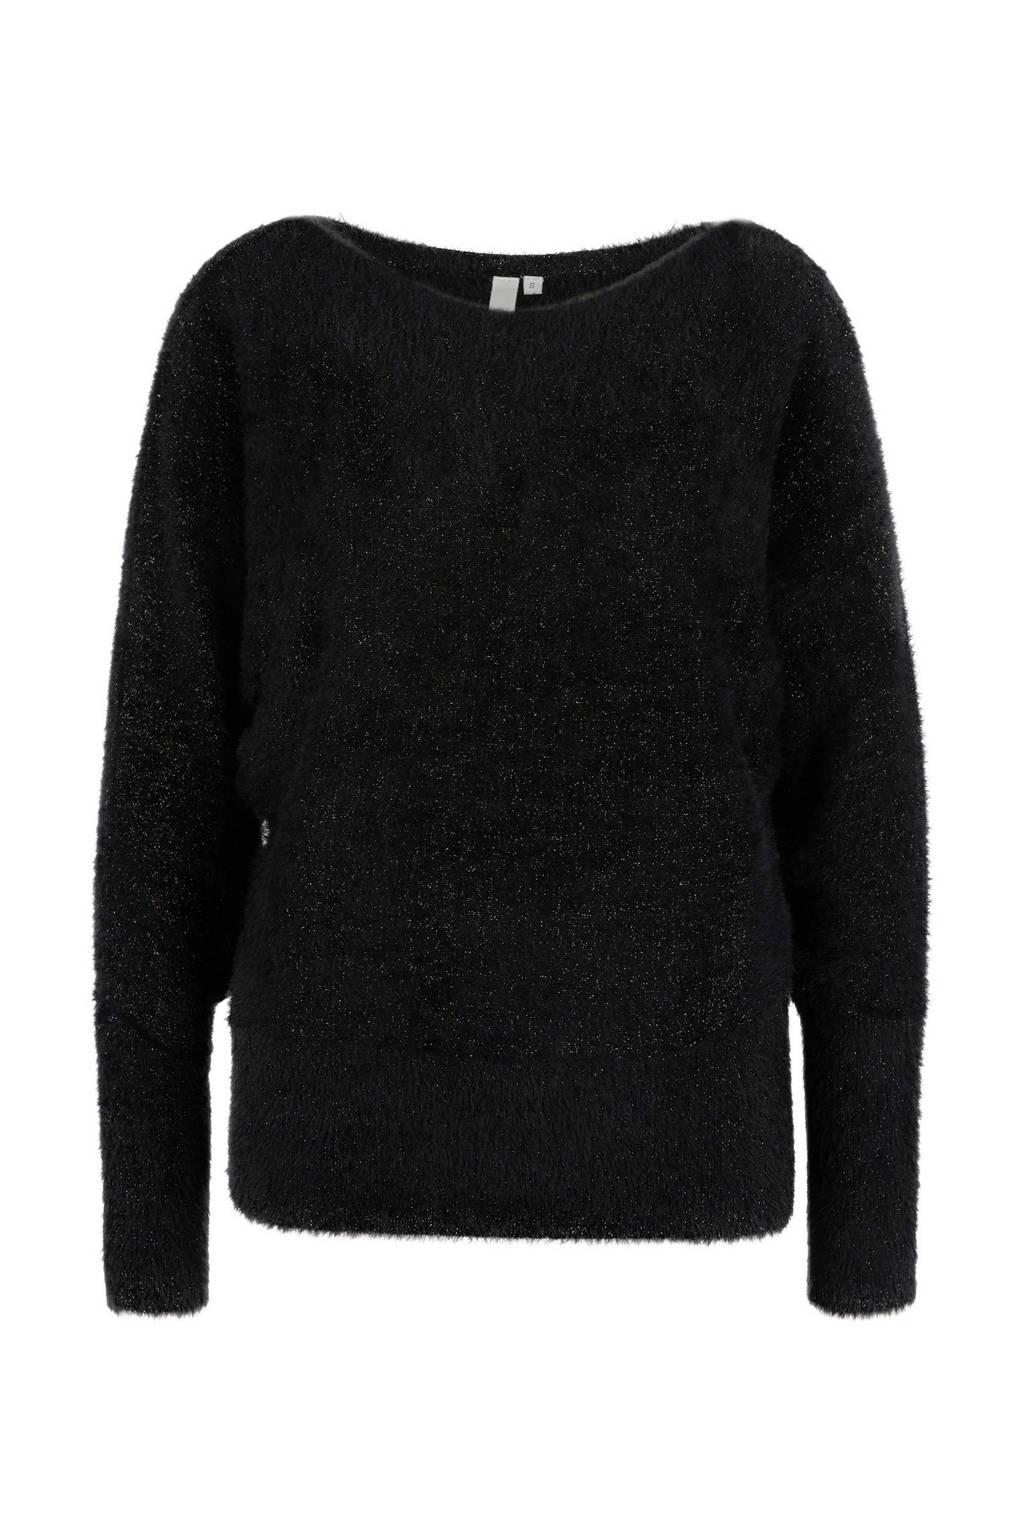 Q/S designed by gebreide trui met glitters zwart/zilver, Zwart/zilver